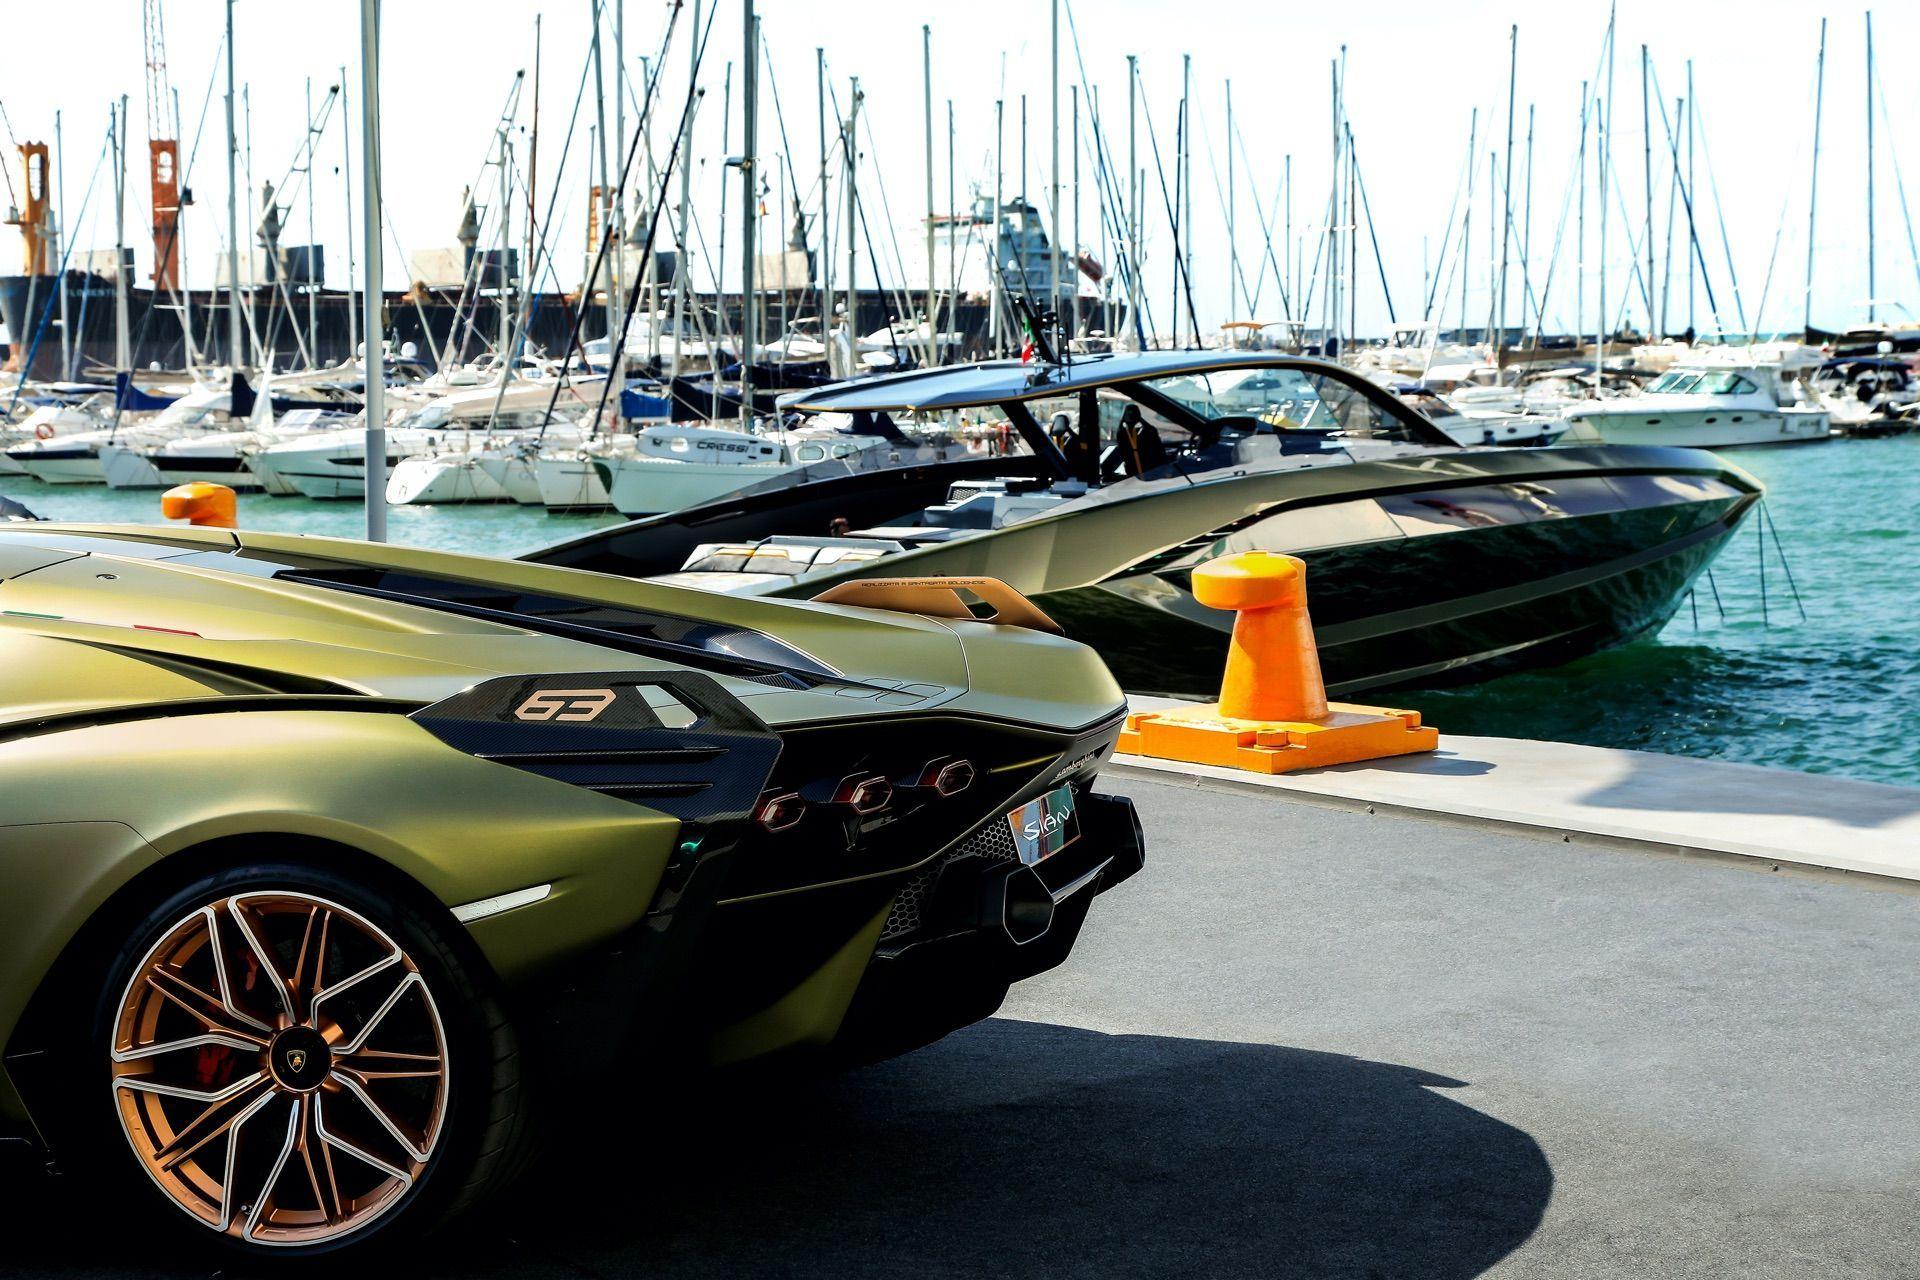 Tecnomar-Lamborghini-63-Yacht-22